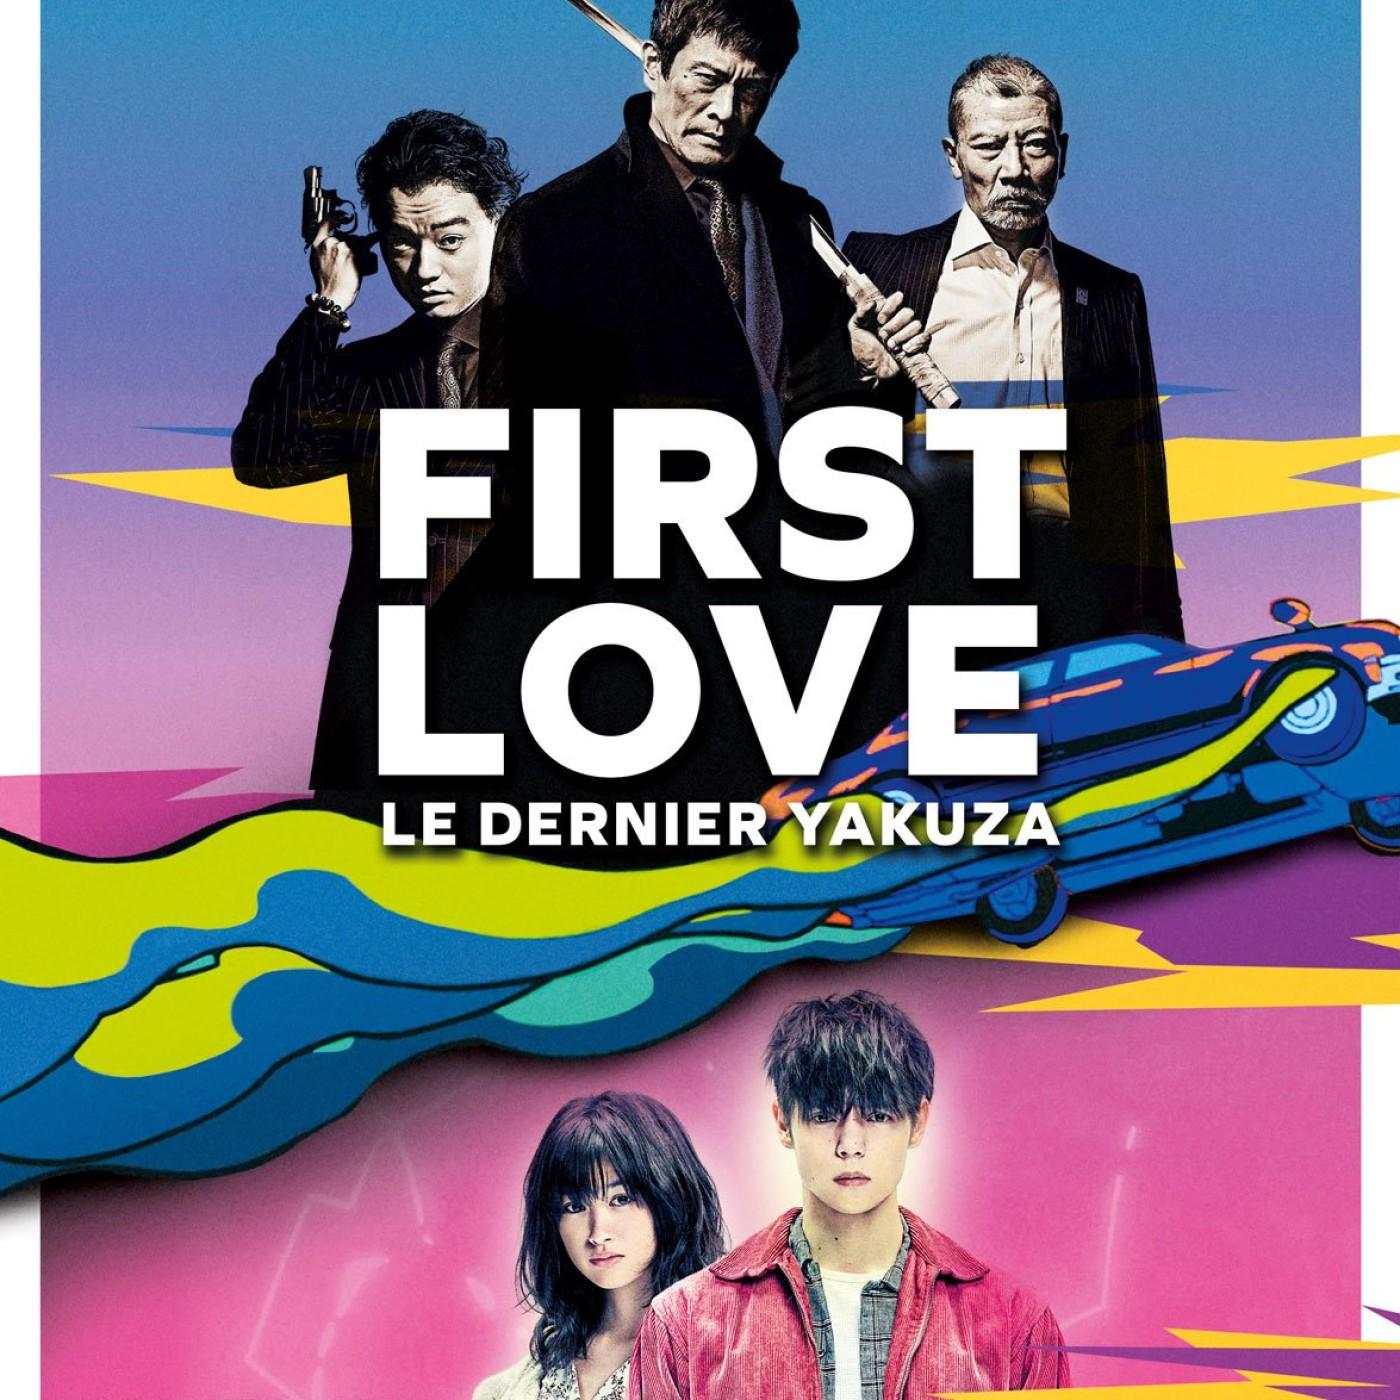 Critique du Film First Love Le Dernier Yakuza